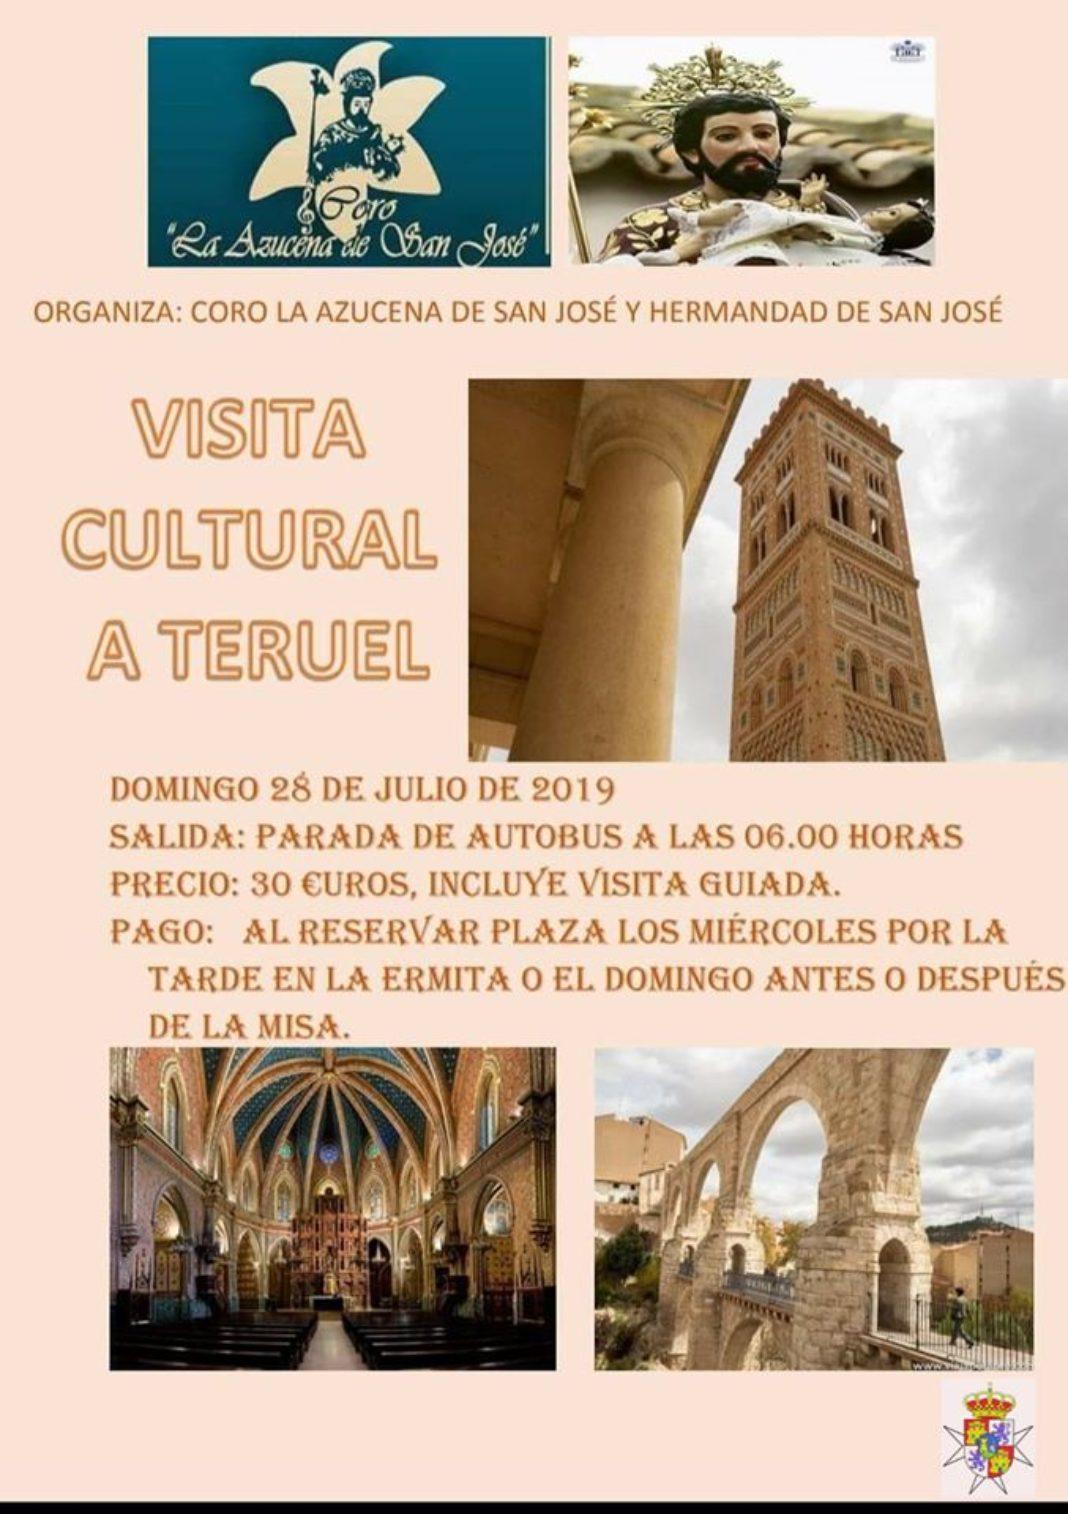 """Viaje cultural a Teruel organizado por el coro """"La Azucena de San José"""" 4"""